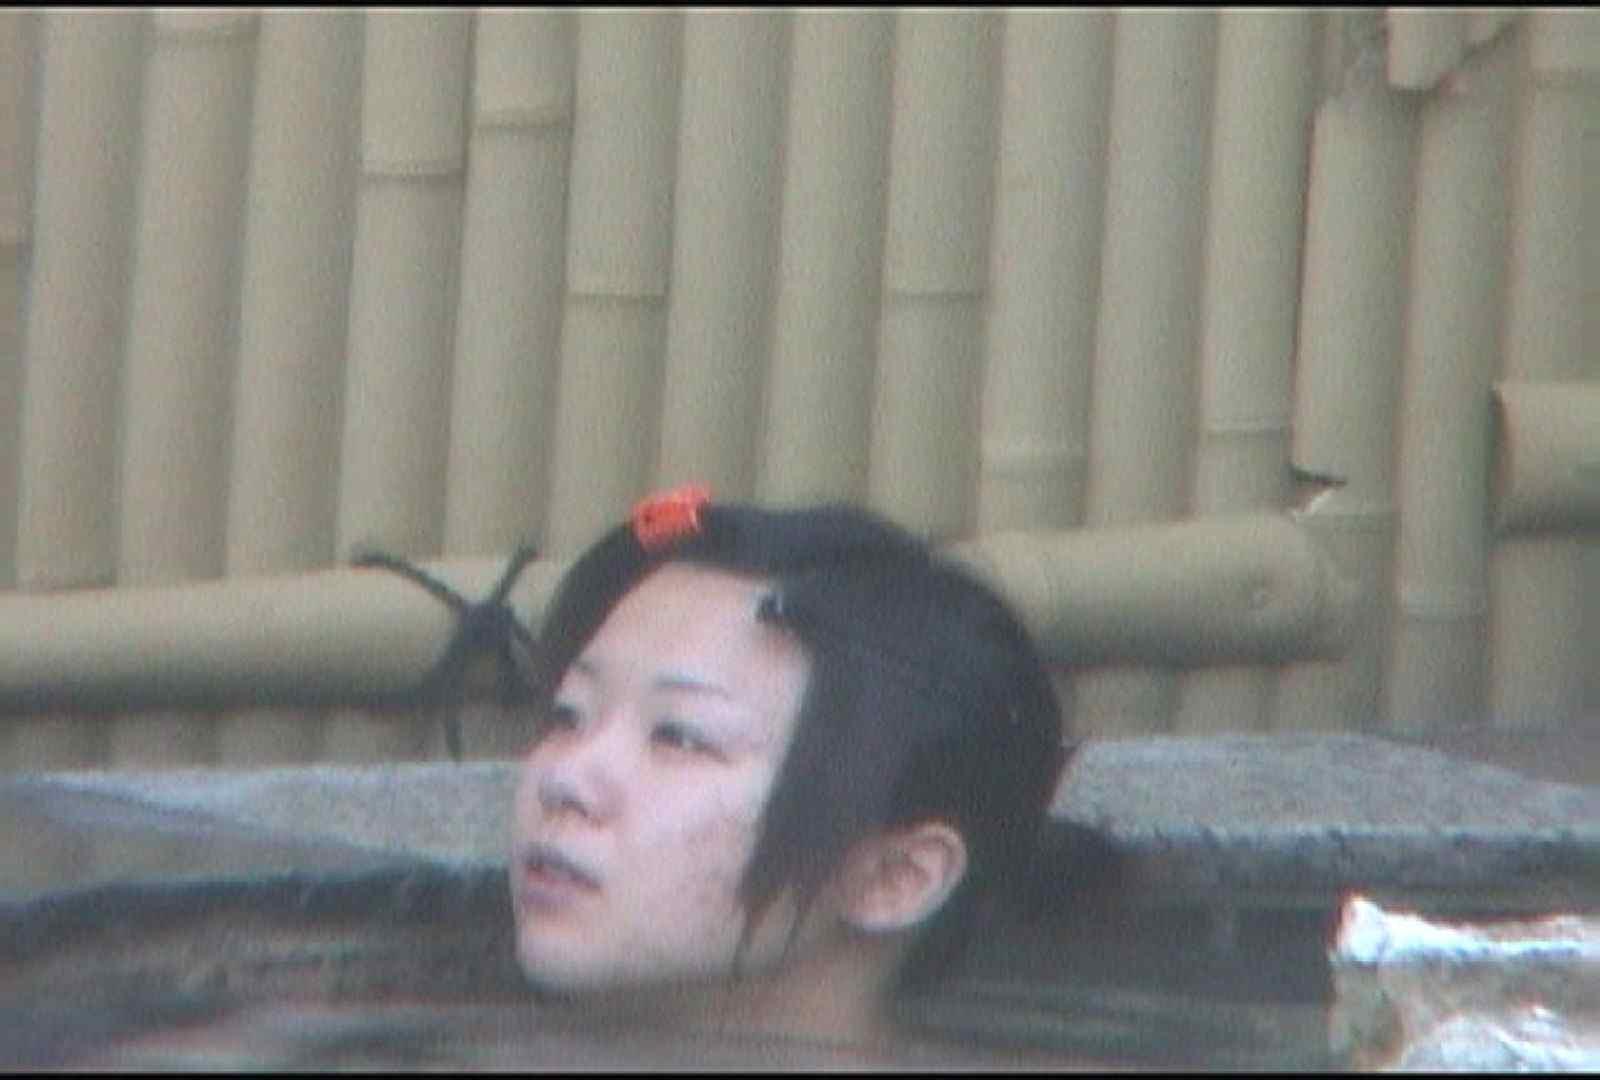 Aquaな露天風呂Vol.175 0   0  51pic 29